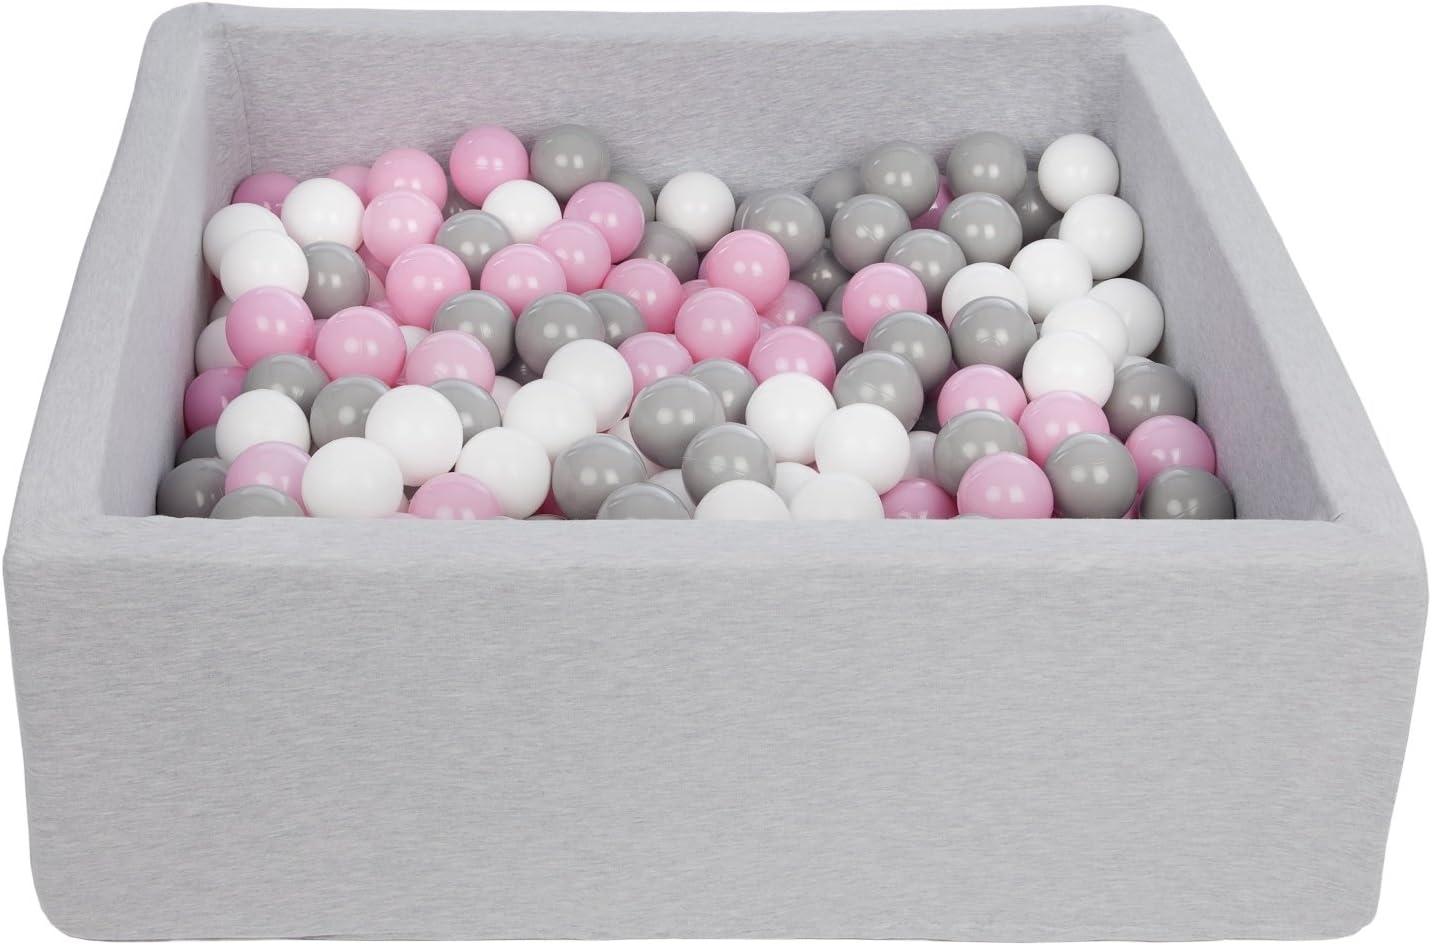 90x90 cm Colori delle palline: bianco perla, blu, argento ca piscina secca bambino palle palline 300 Piscina gioco